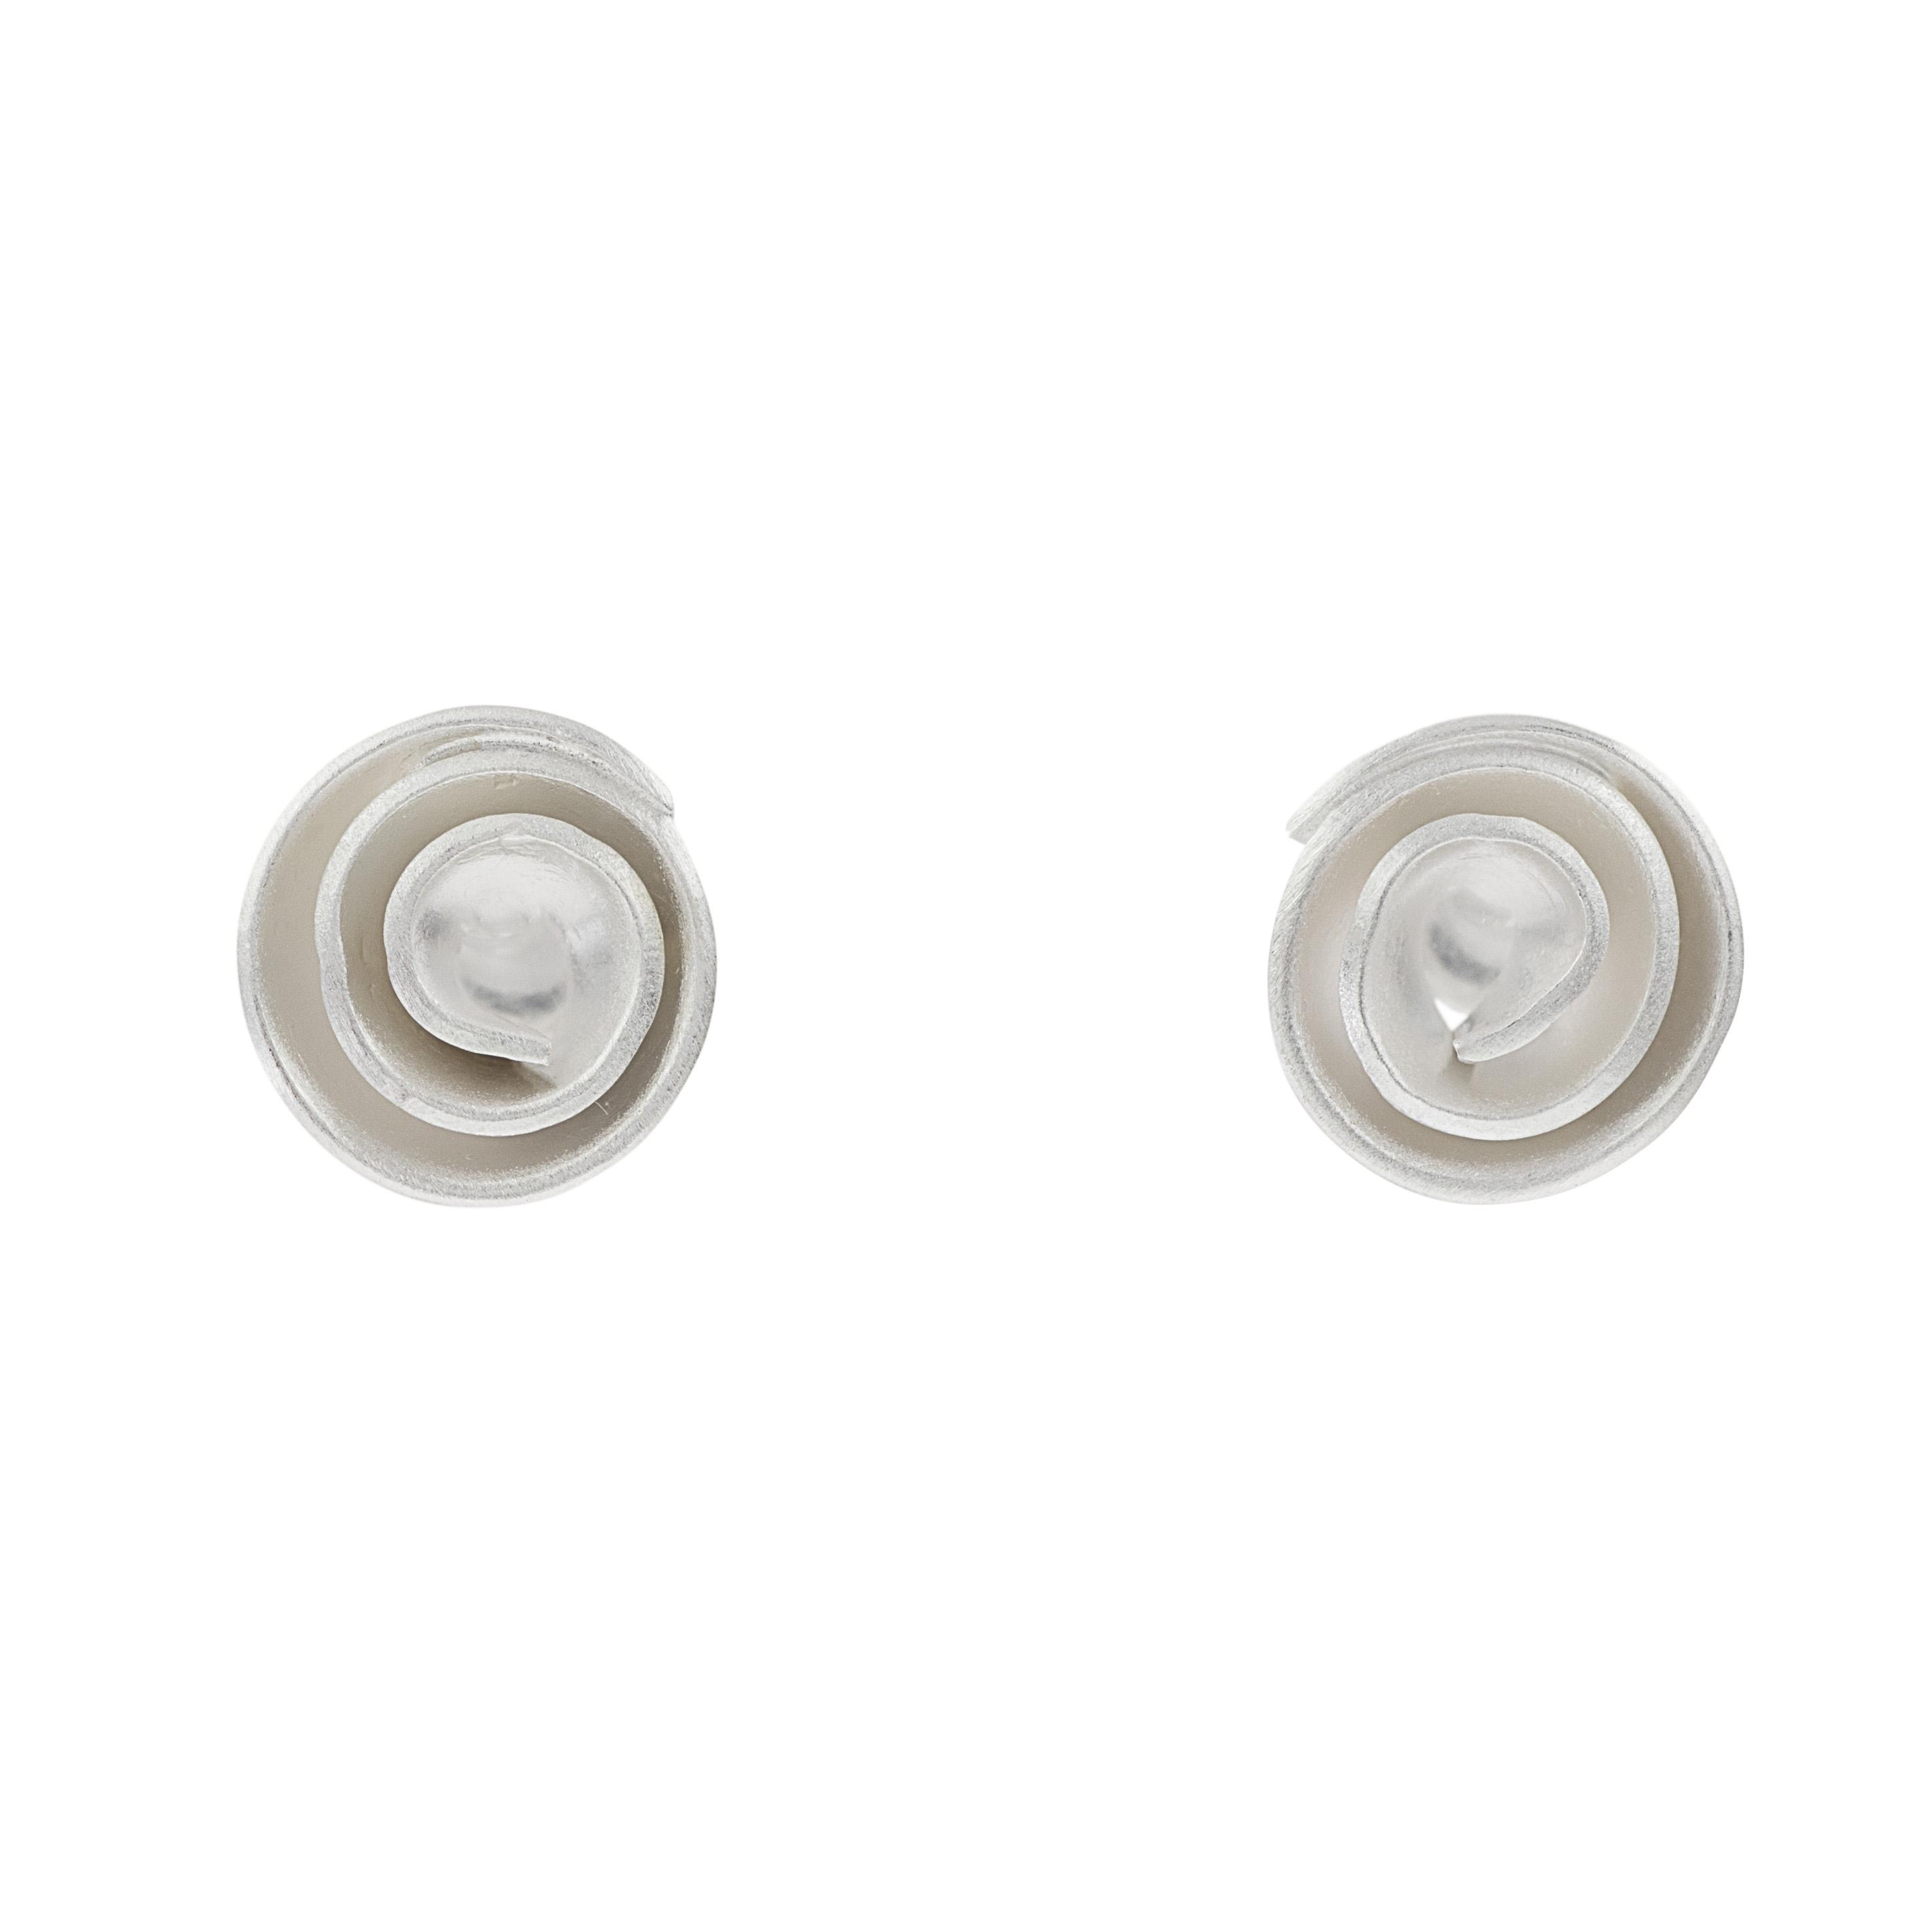 Tezer Small Swirl Earrings